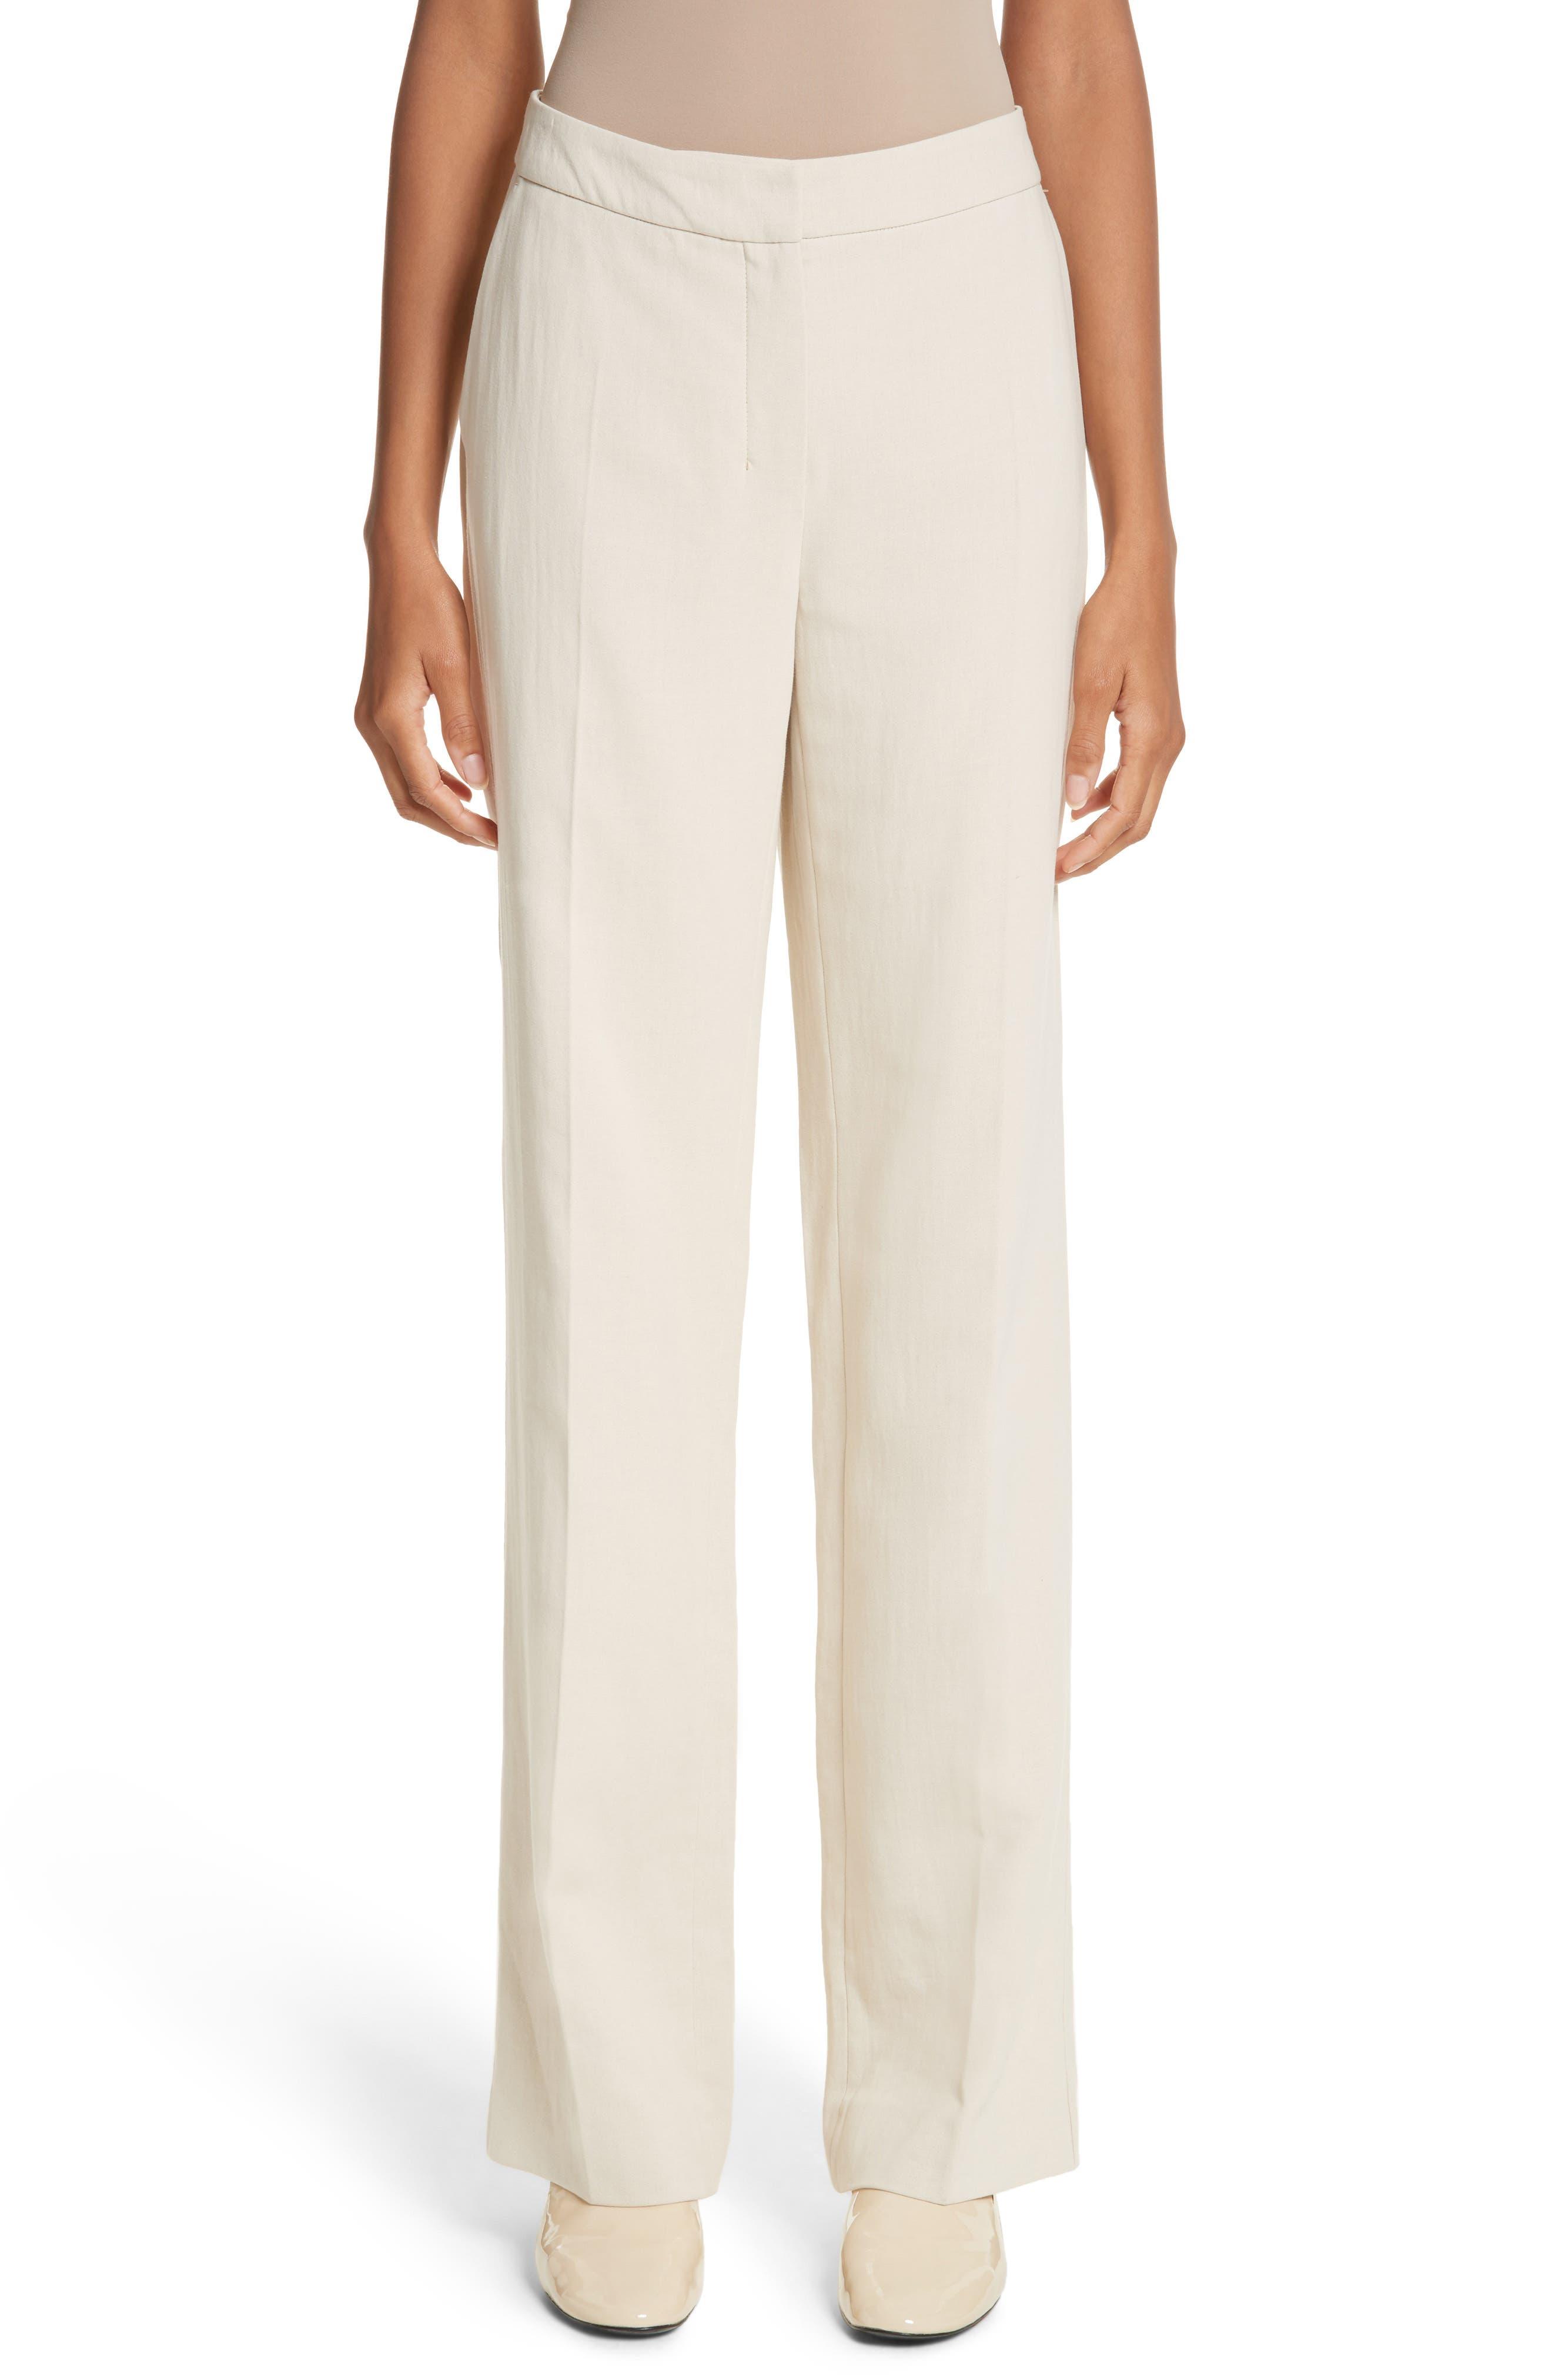 Cursore Cotton Wide Leg Pants,                             Main thumbnail 1, color,                             900